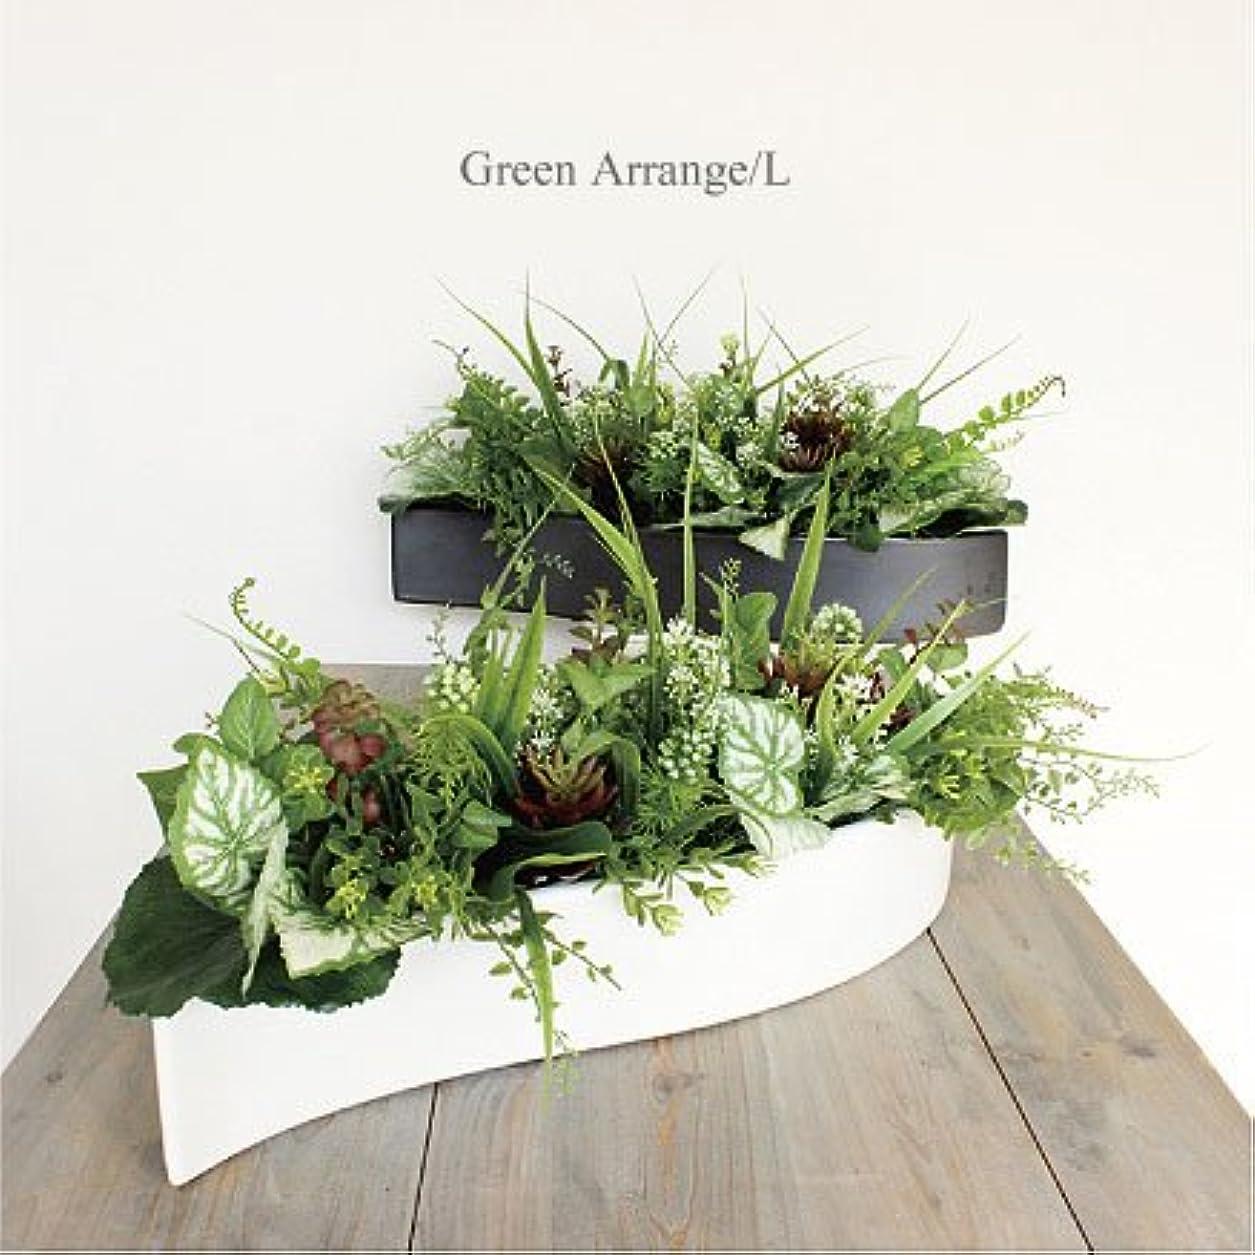 ラリー柔和静かな寄せ植えグリーンアレンジ L W55 造花 インテリア 観葉植物 フェイクグリーン CT触媒 (ブラック)